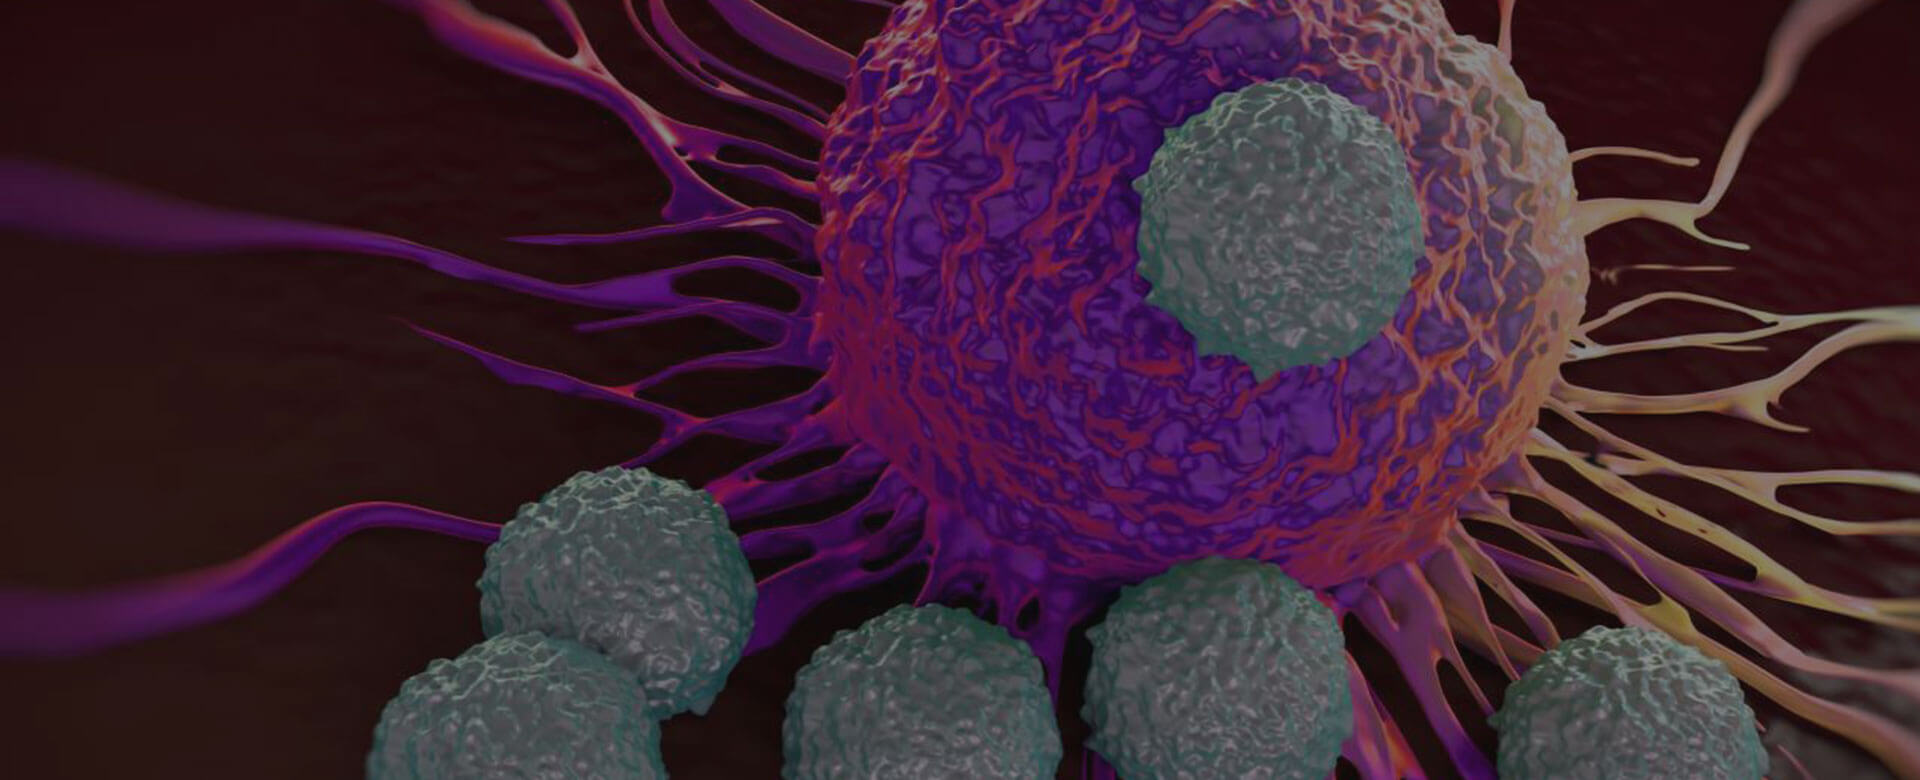 Le cellule NK del cordone ombelicale: nuova frontiera nelle terapie antitumorali